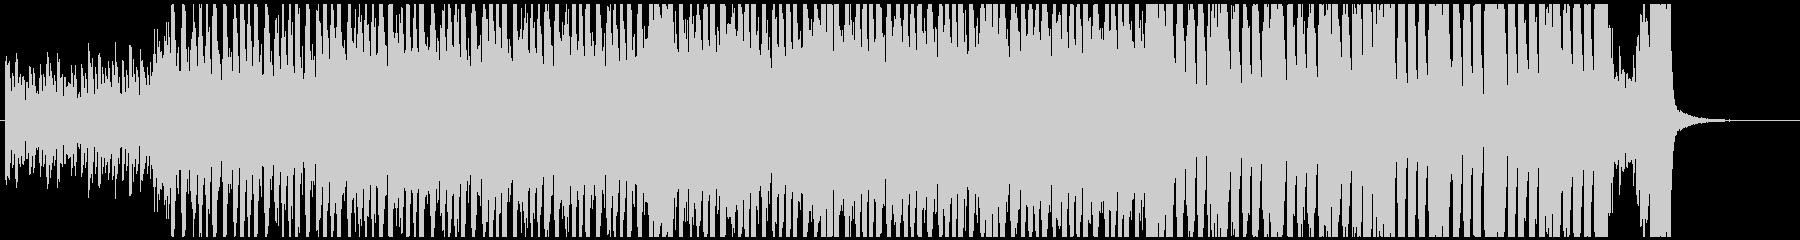 緊迫・ピンチ・6拍子のタイムサスペンスの未再生の波形